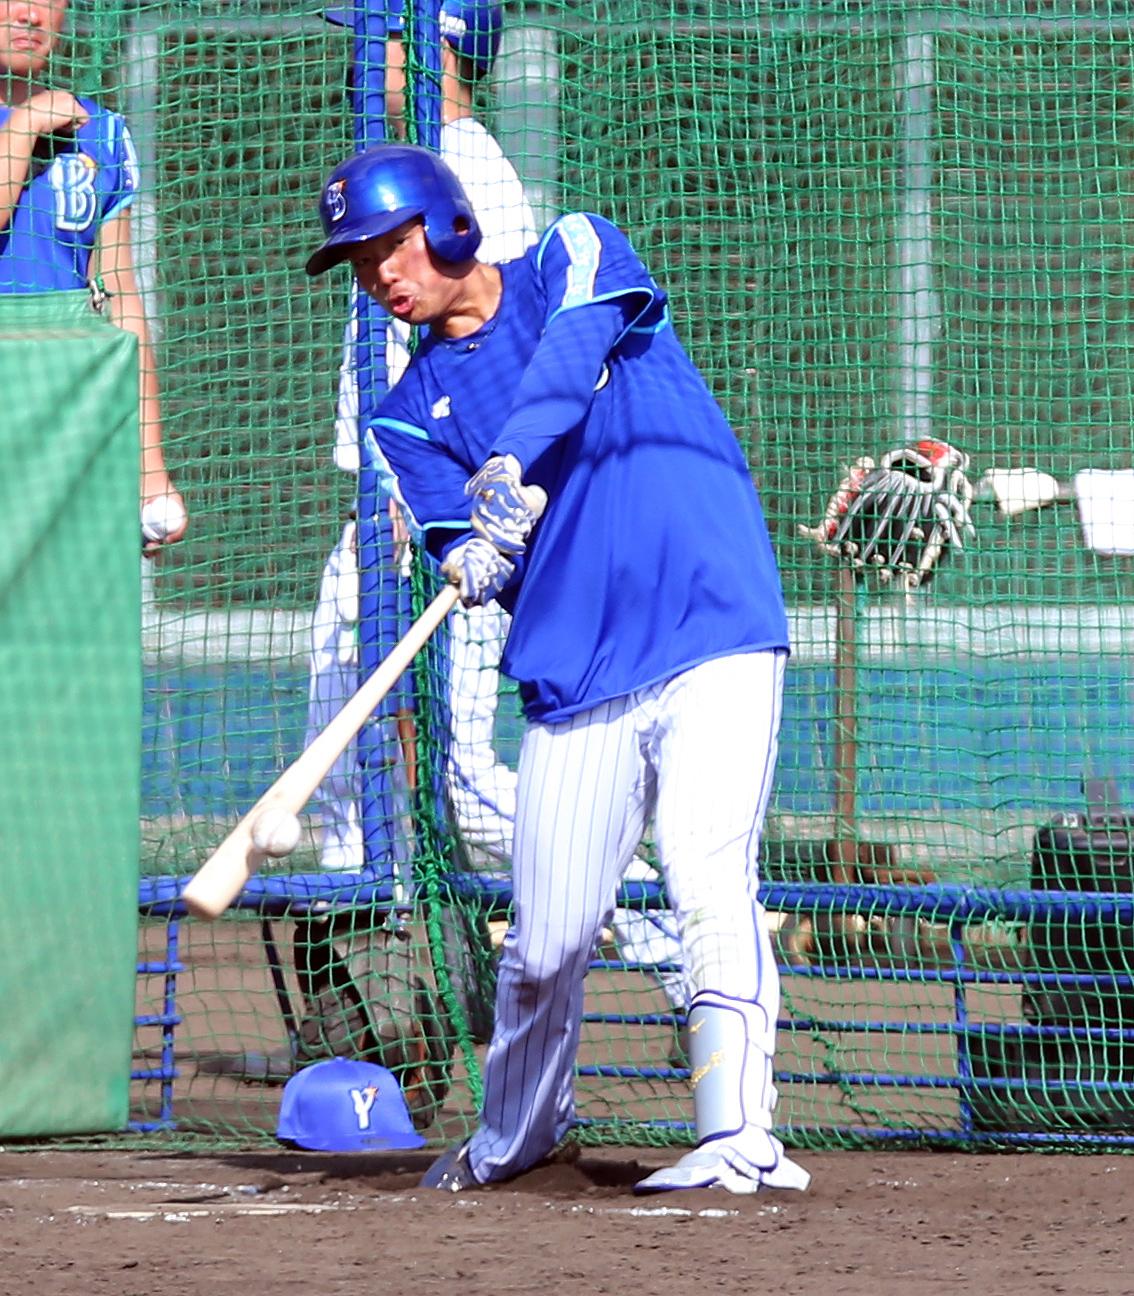 https://www.nikkansports.com/baseball/news/img/202002020000457-w1300_0.jpg